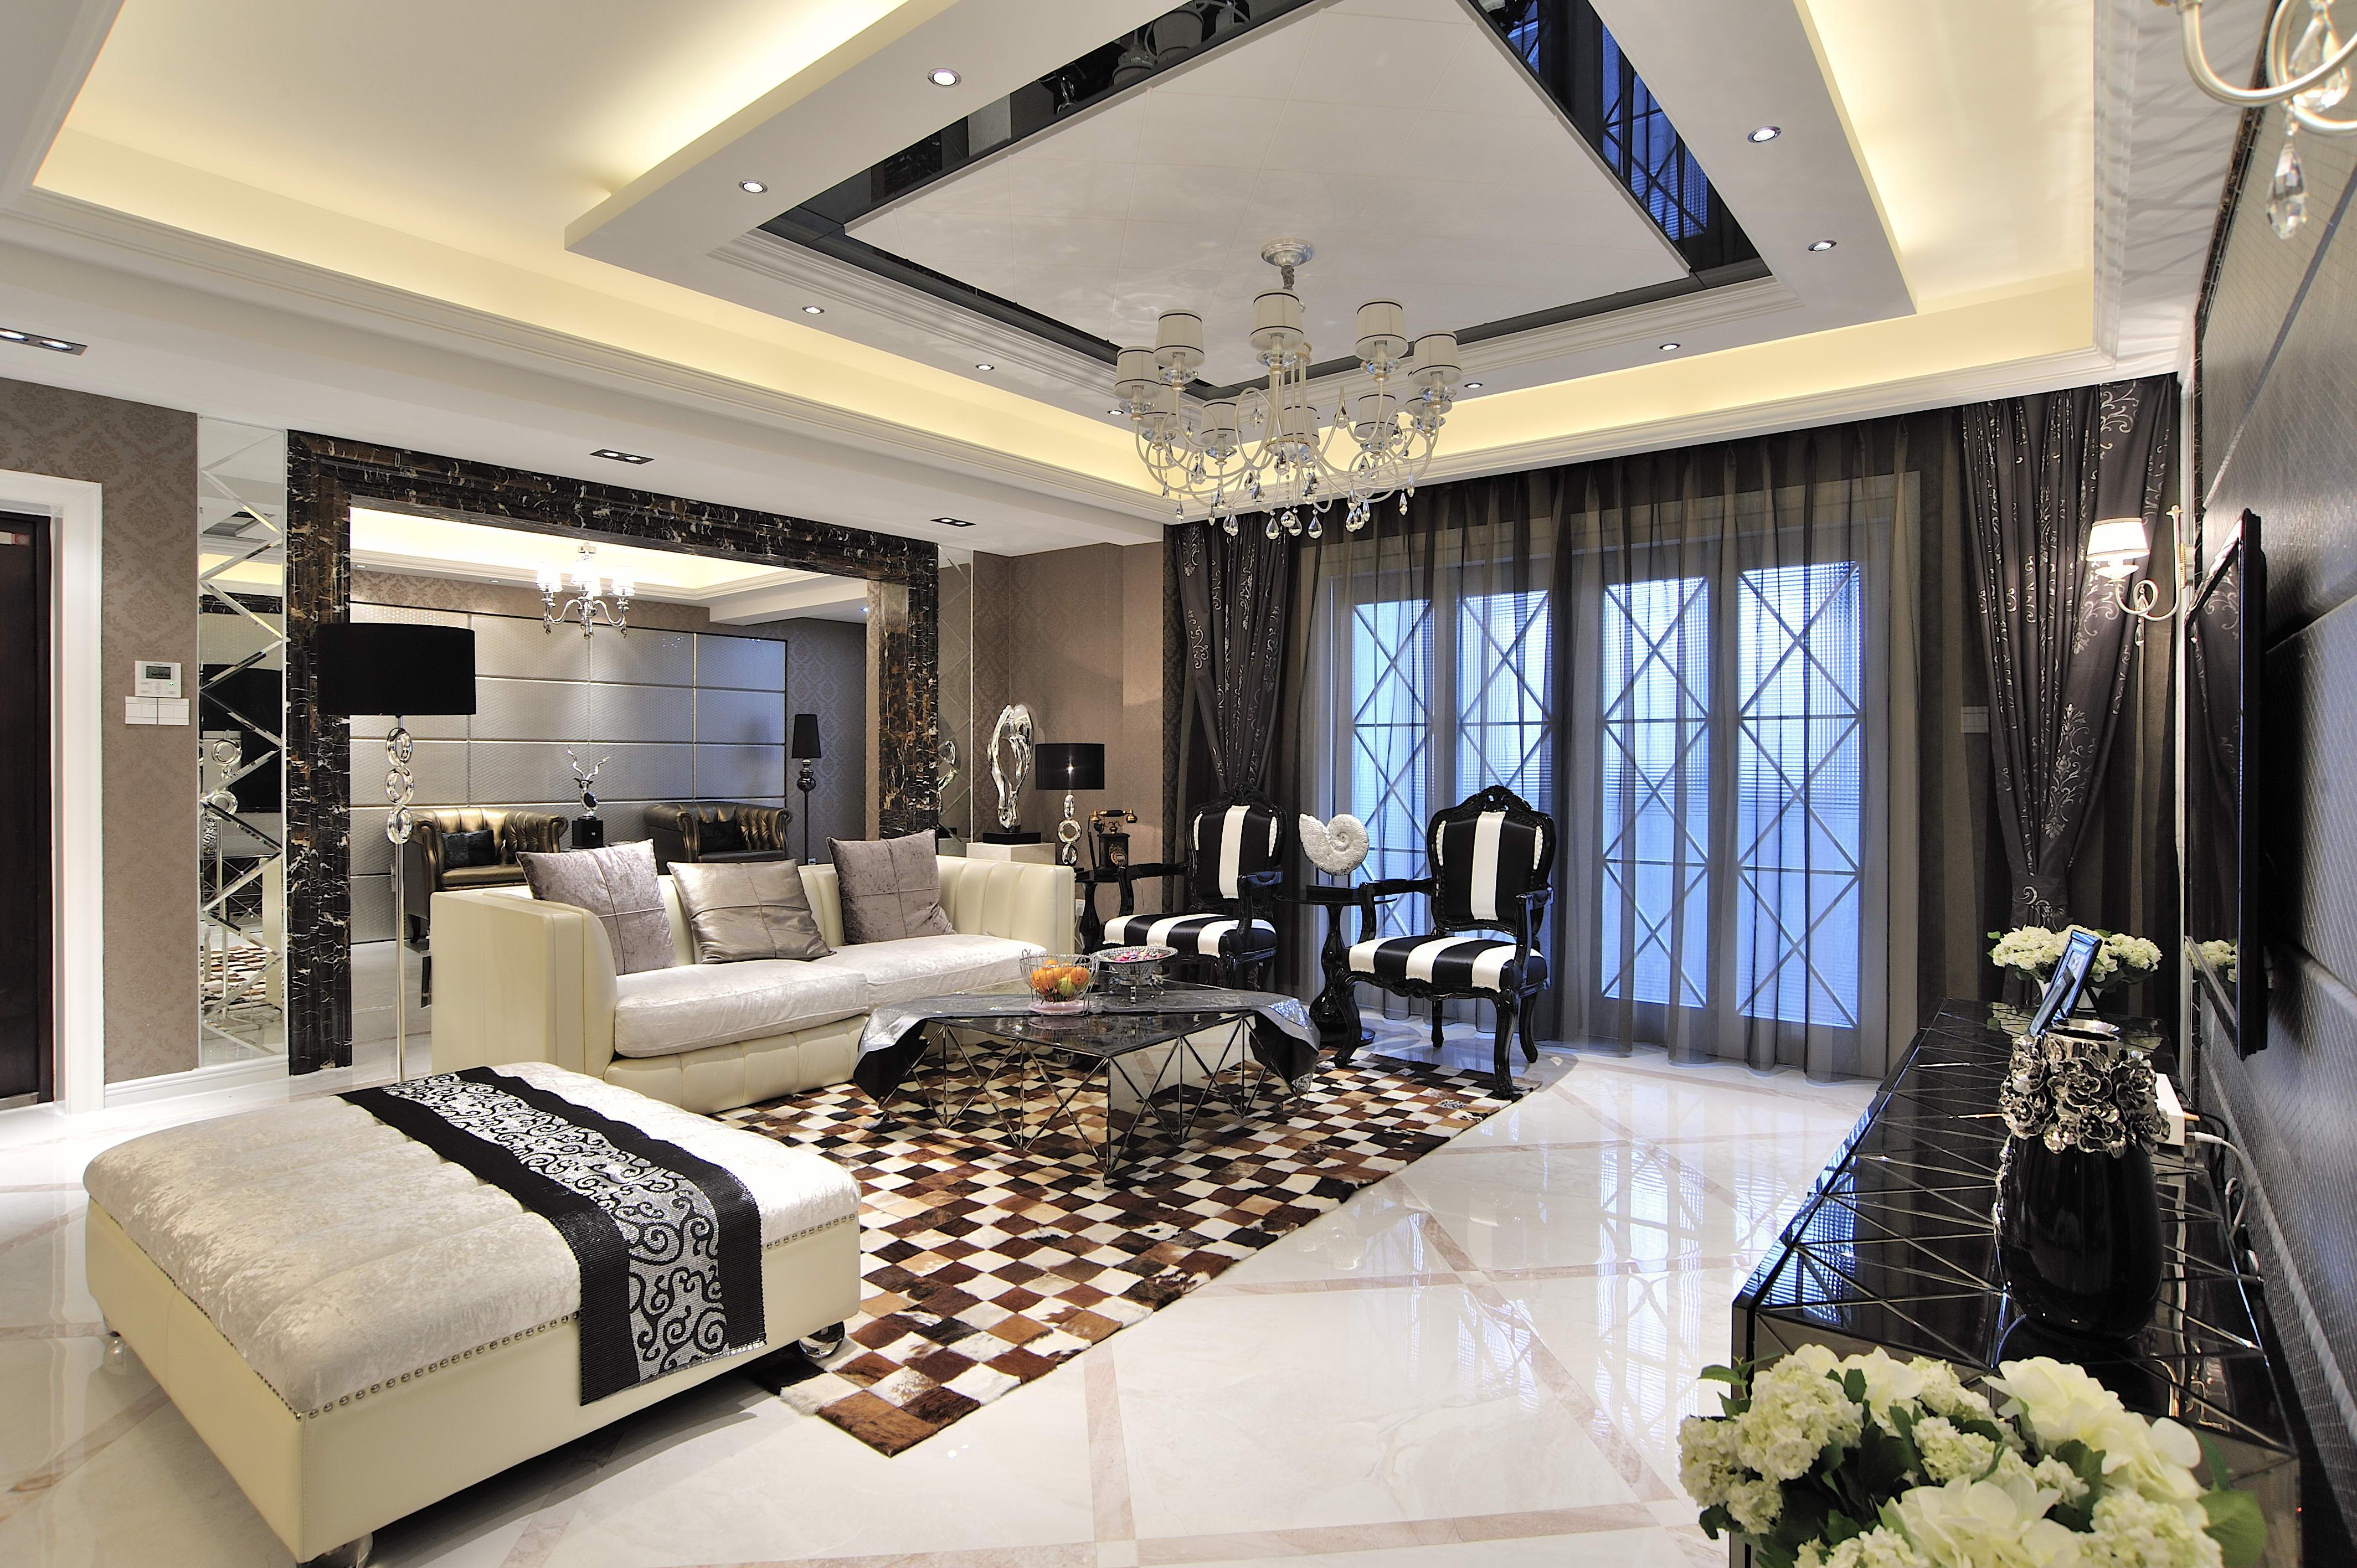 后现代港式欧式浪漫舒适华丽优雅精美尊贵客厅装修_美